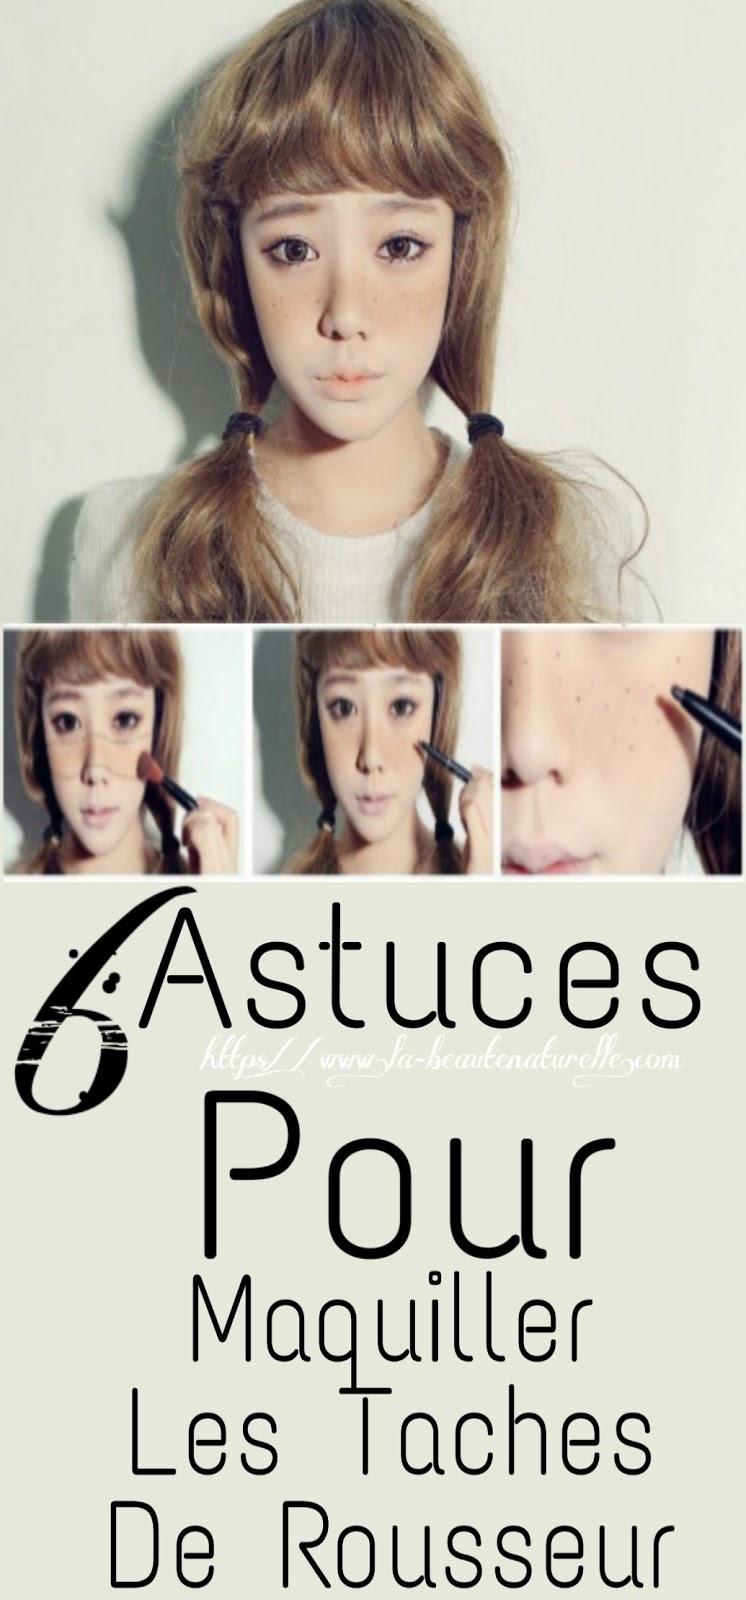 6 Astuces Pour Maquiller Les Taches De Rousseur